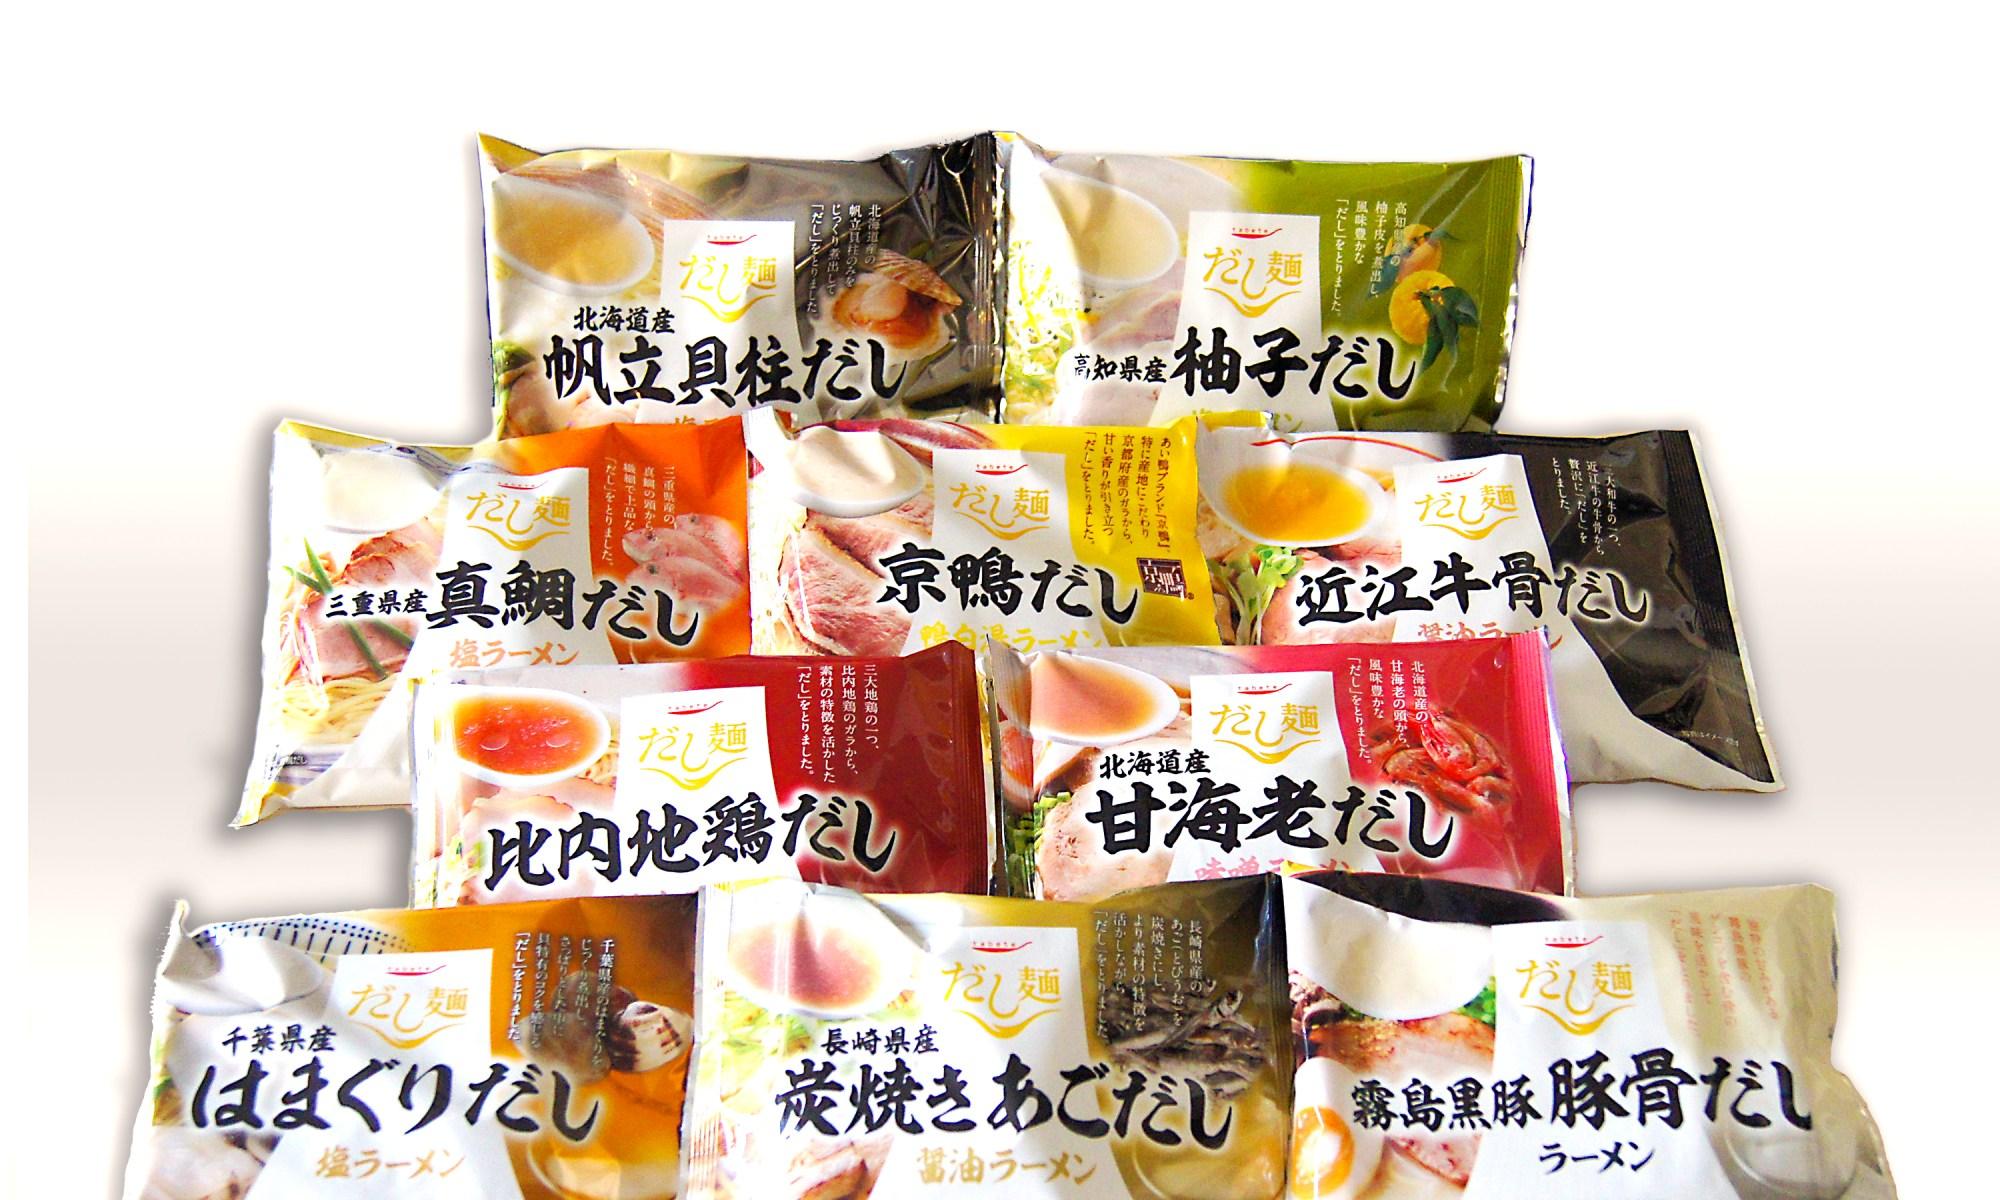 だし麺 全国食べ比べ 絶品魚介・肉・ 柚子だし ラーメン10種